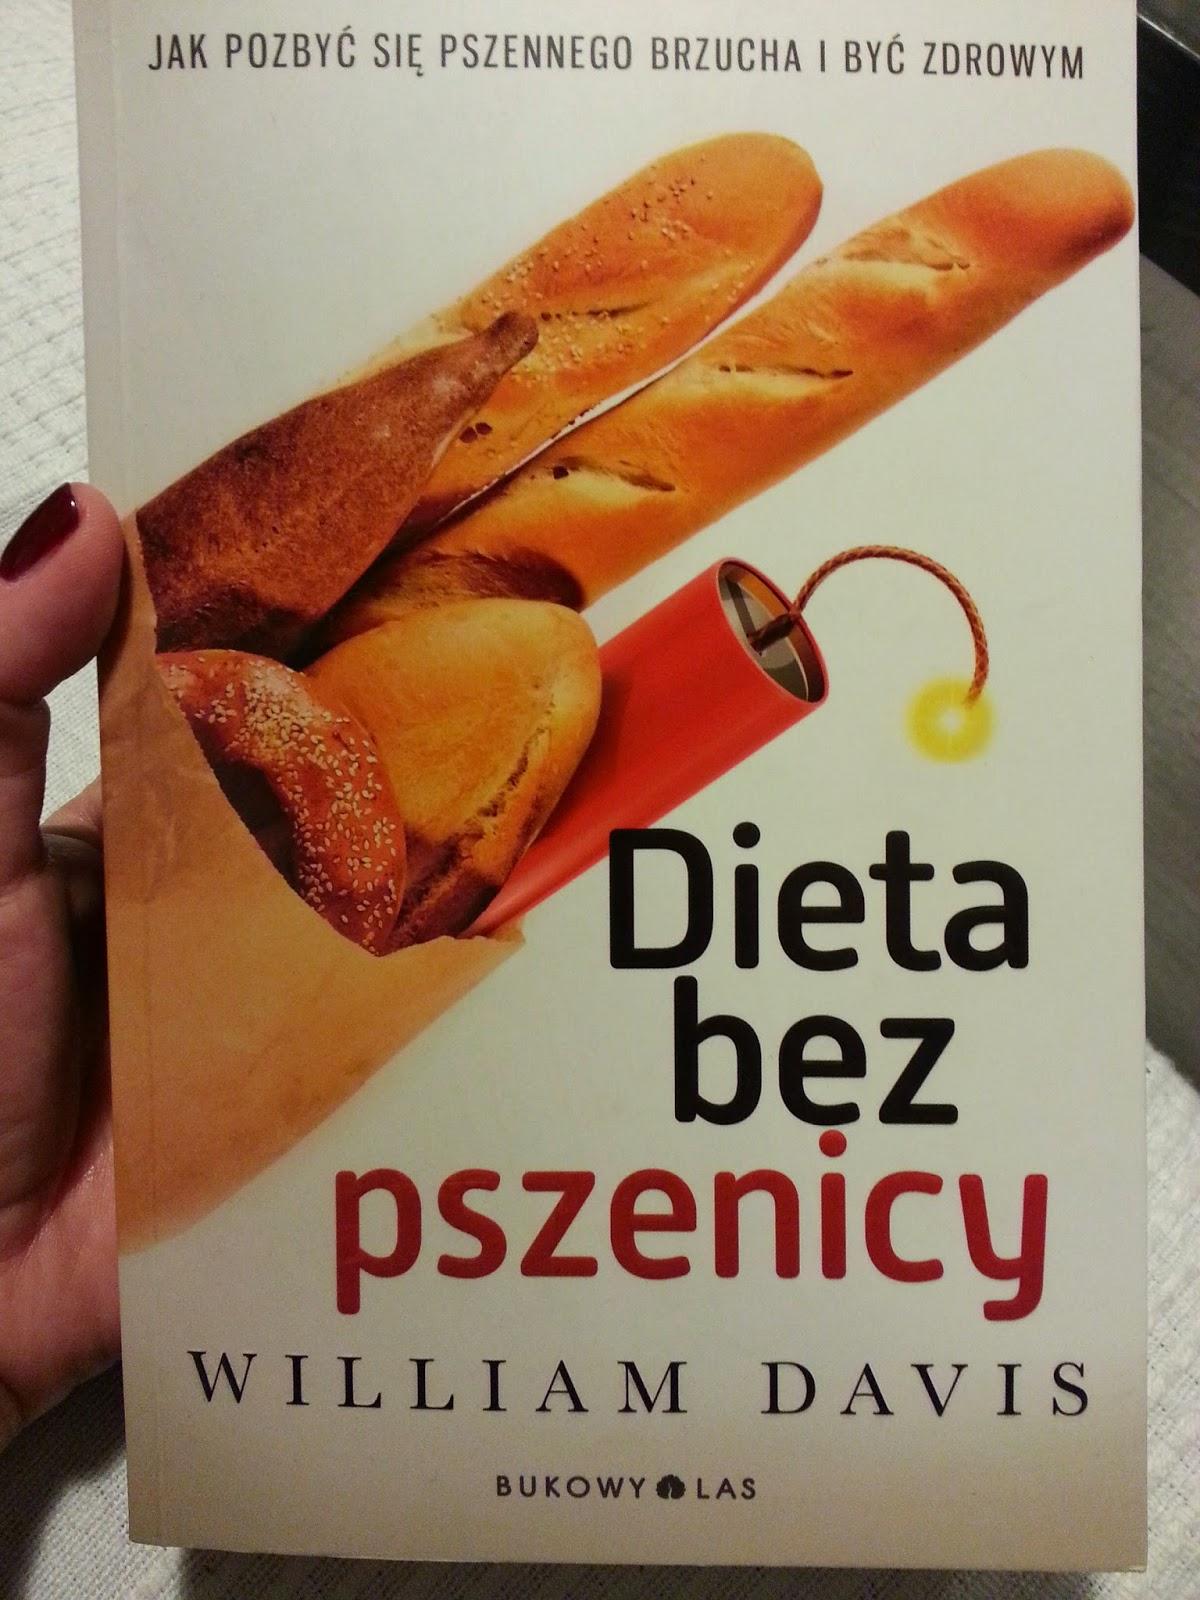 Dieta Bez Pszenicy Ksiazka Warta Przeczytania